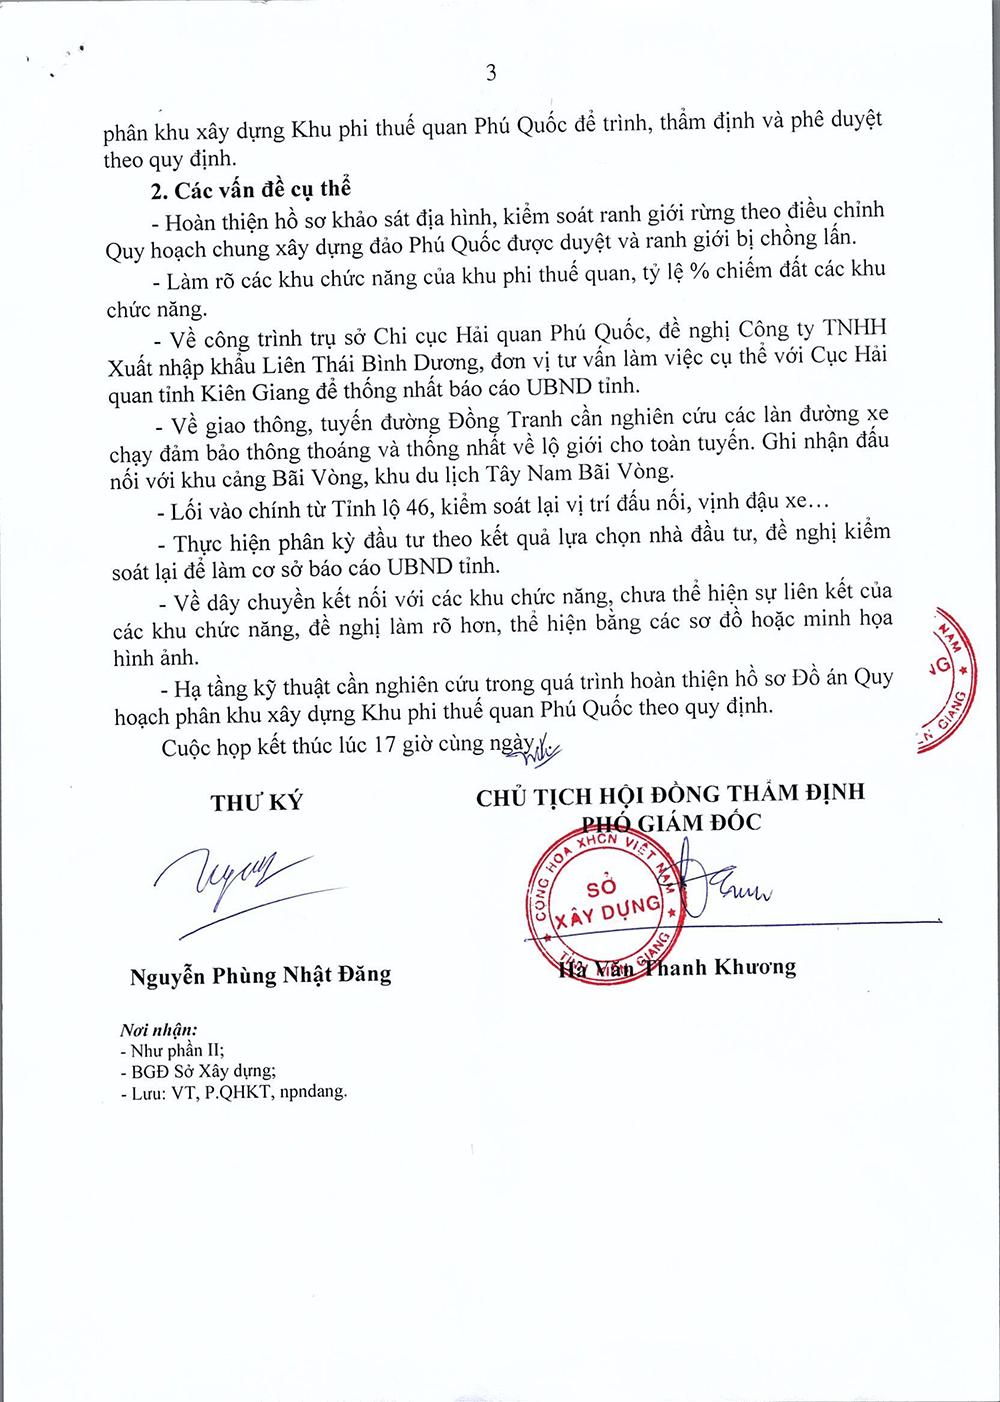 Ipp Group khu phi thuế quan Phú Quốc